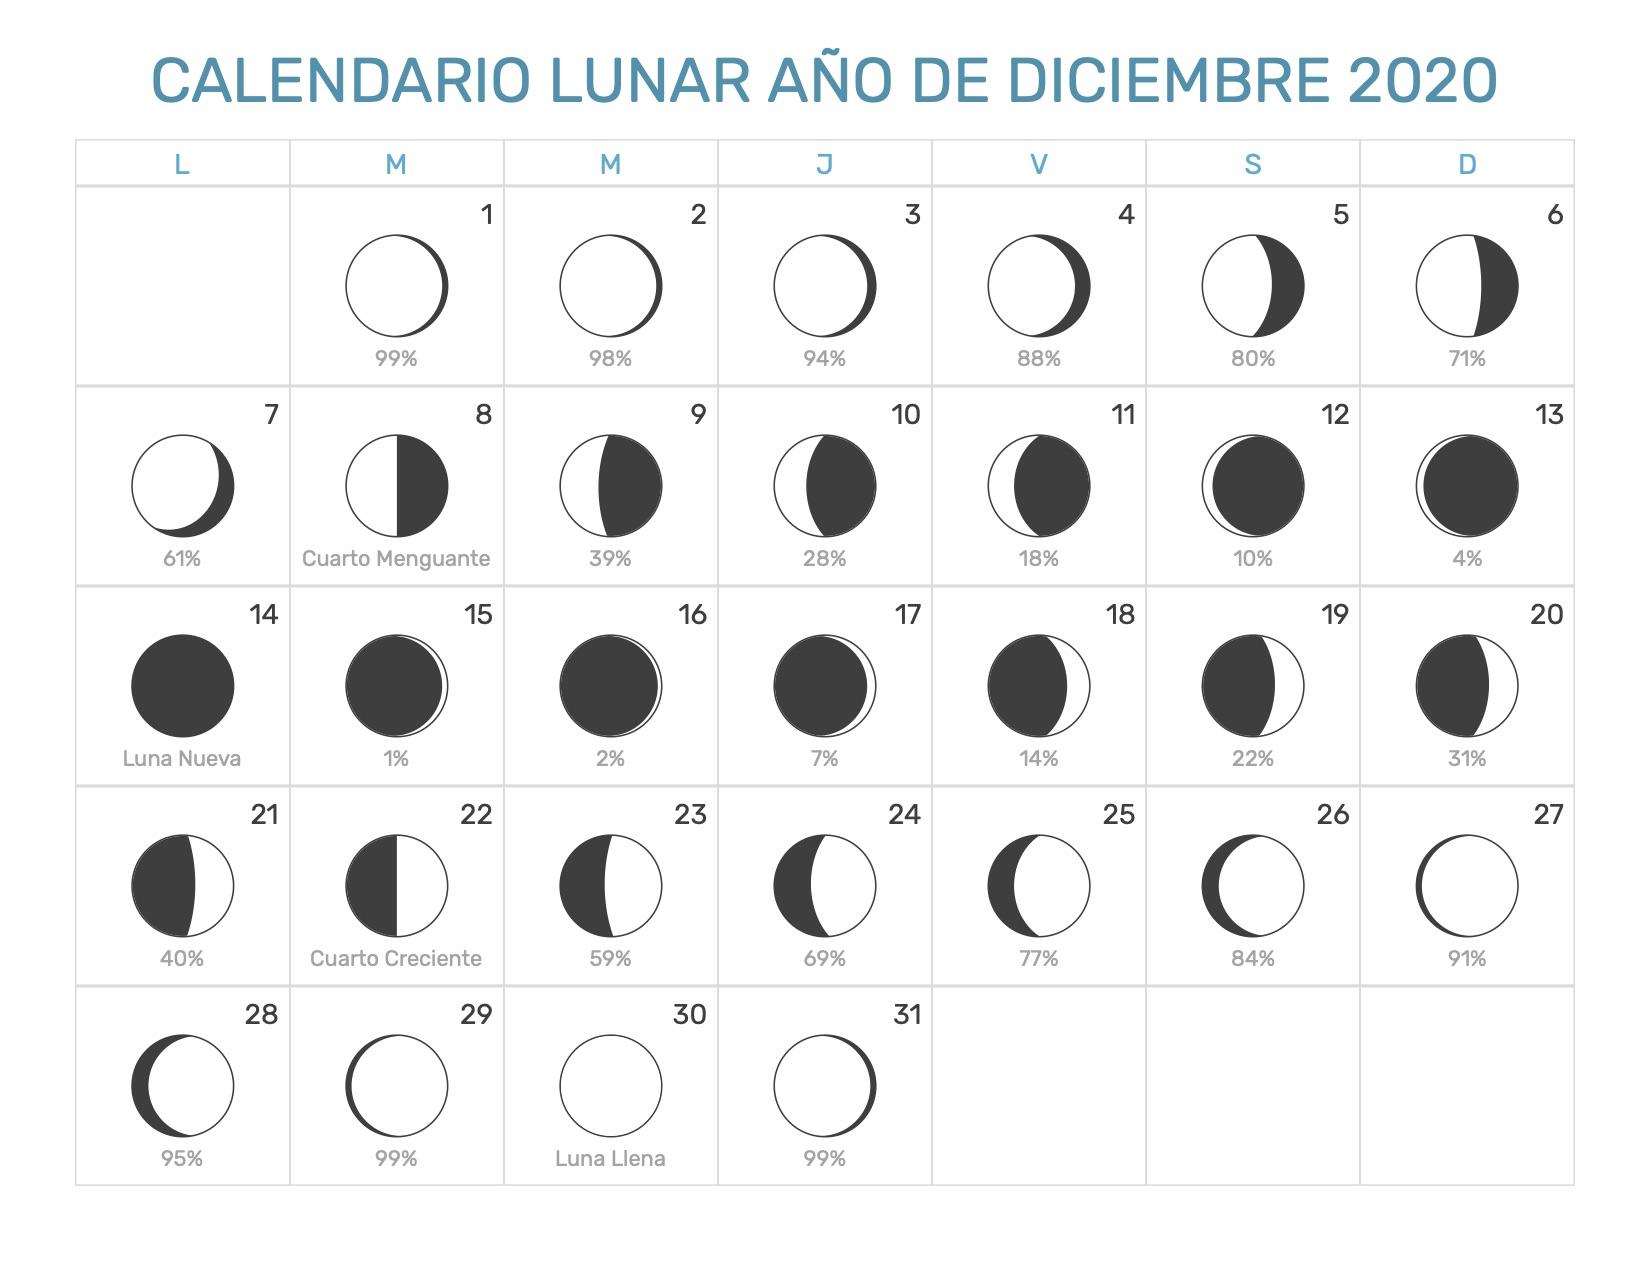 Calendario Diciembre 2020 Para Imprimir.Calendario Lunar Diciembre Ano 2020 Fases Lunares